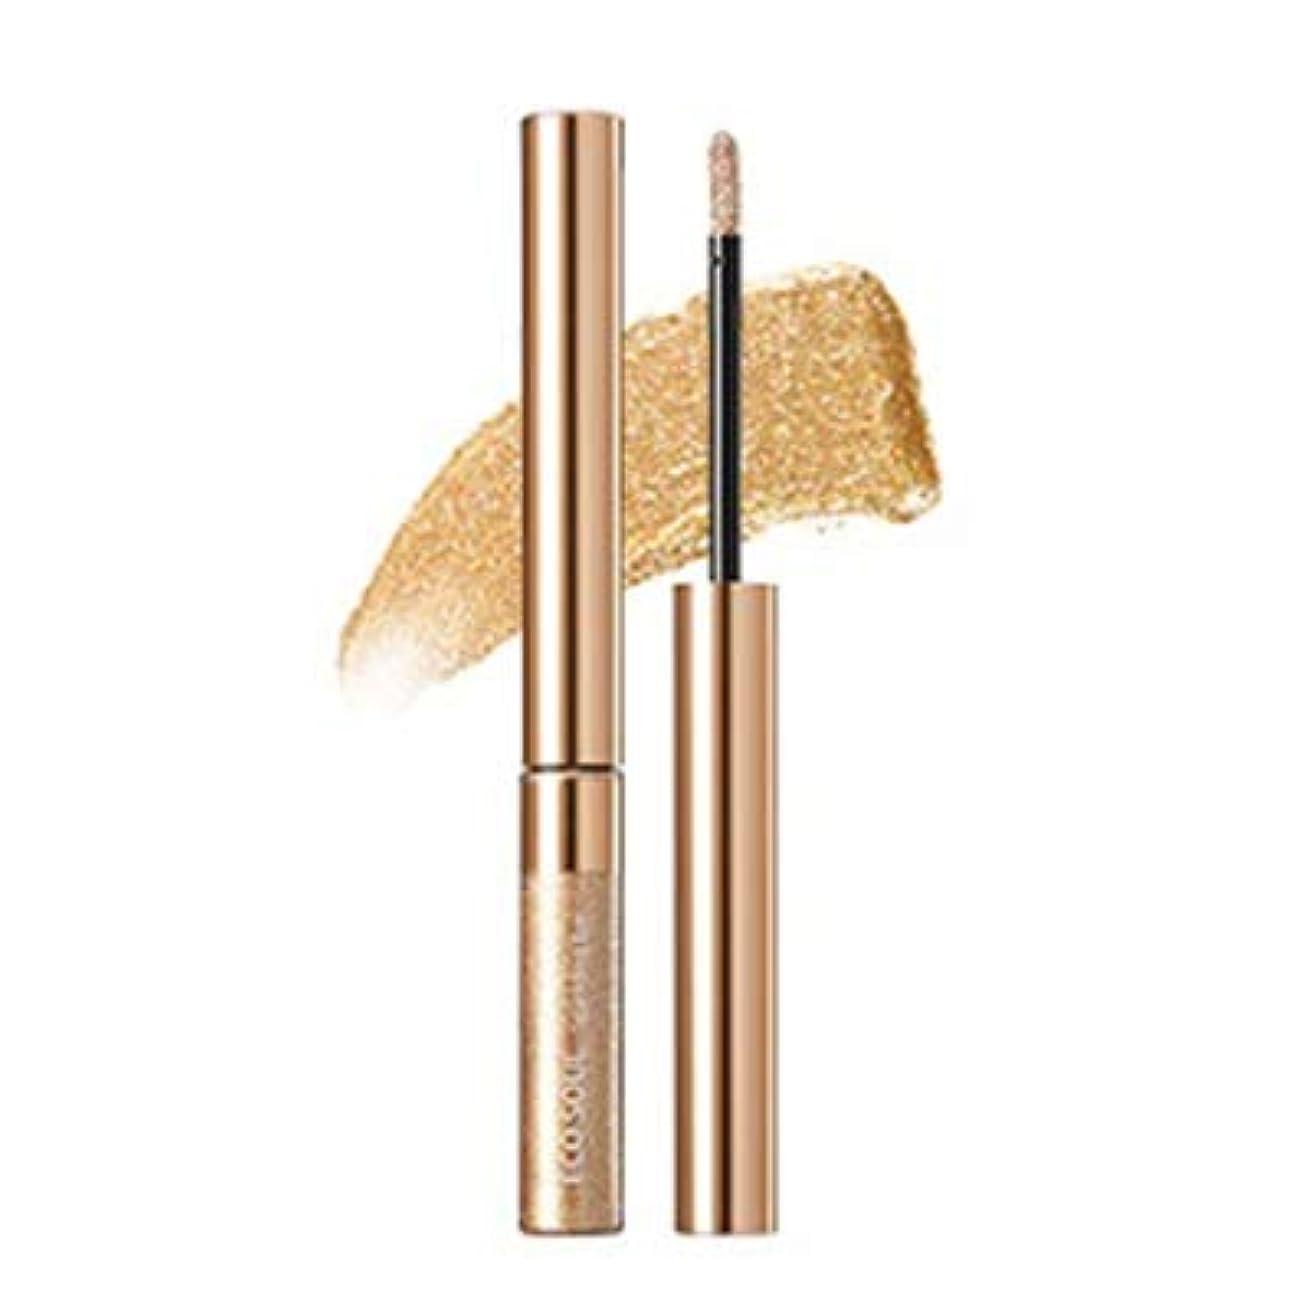 旅行拍手する助言するthe SAEM ザセム エコソウル スパークリング アイ Eco Soul Sparkling Eye 2.7g アイシャドウ 韓国コスメ (GD01-Golden Glamour)